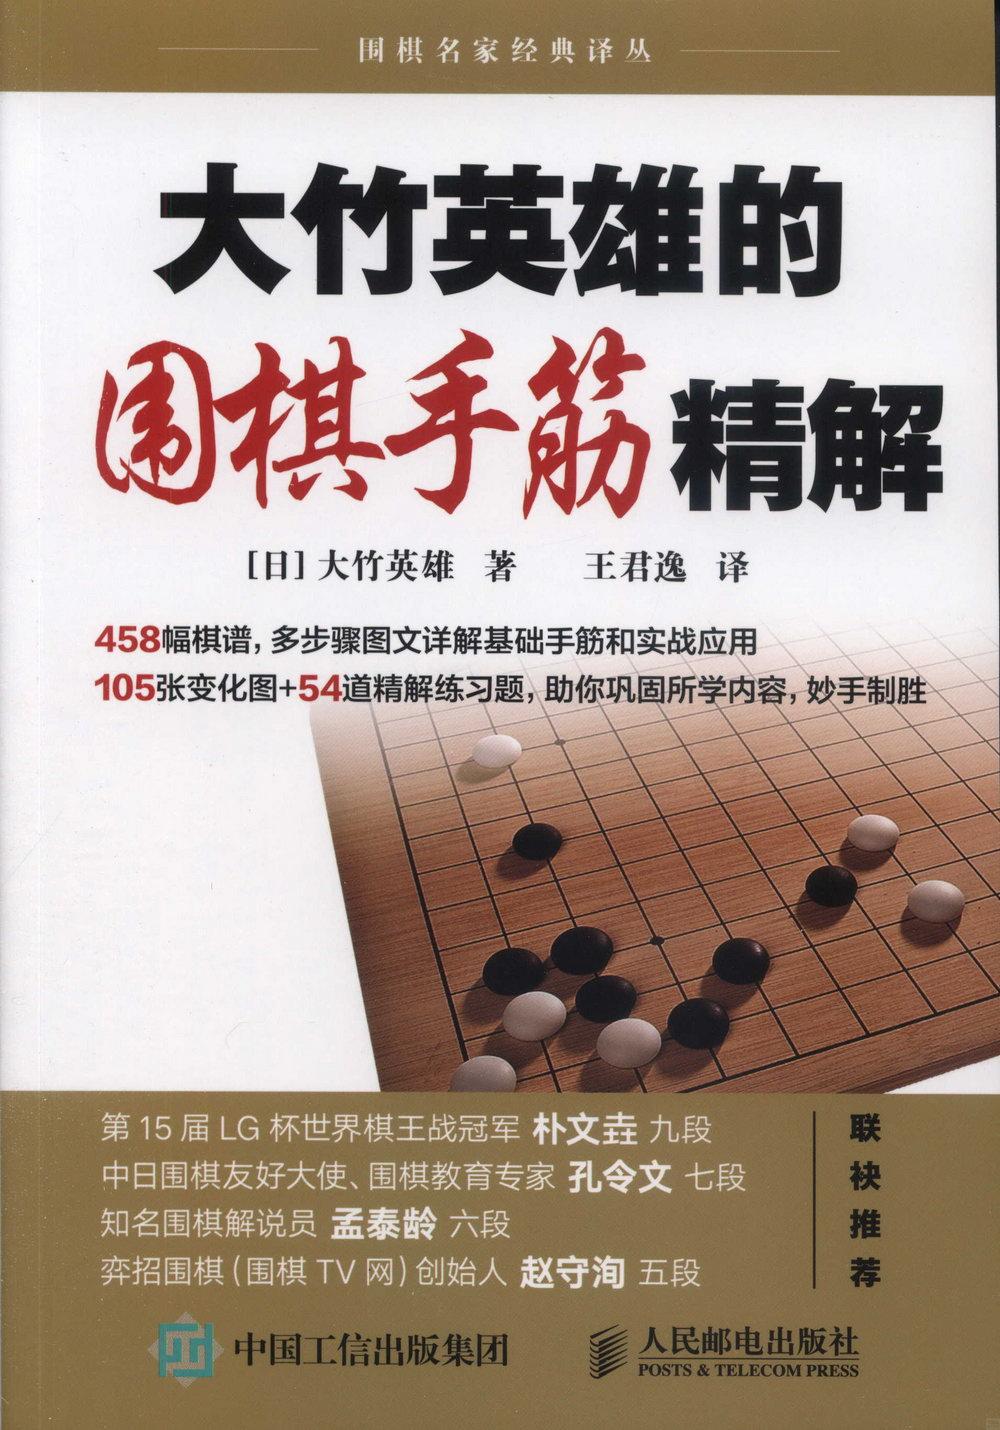 大竹英雄的圍棋手筋精解